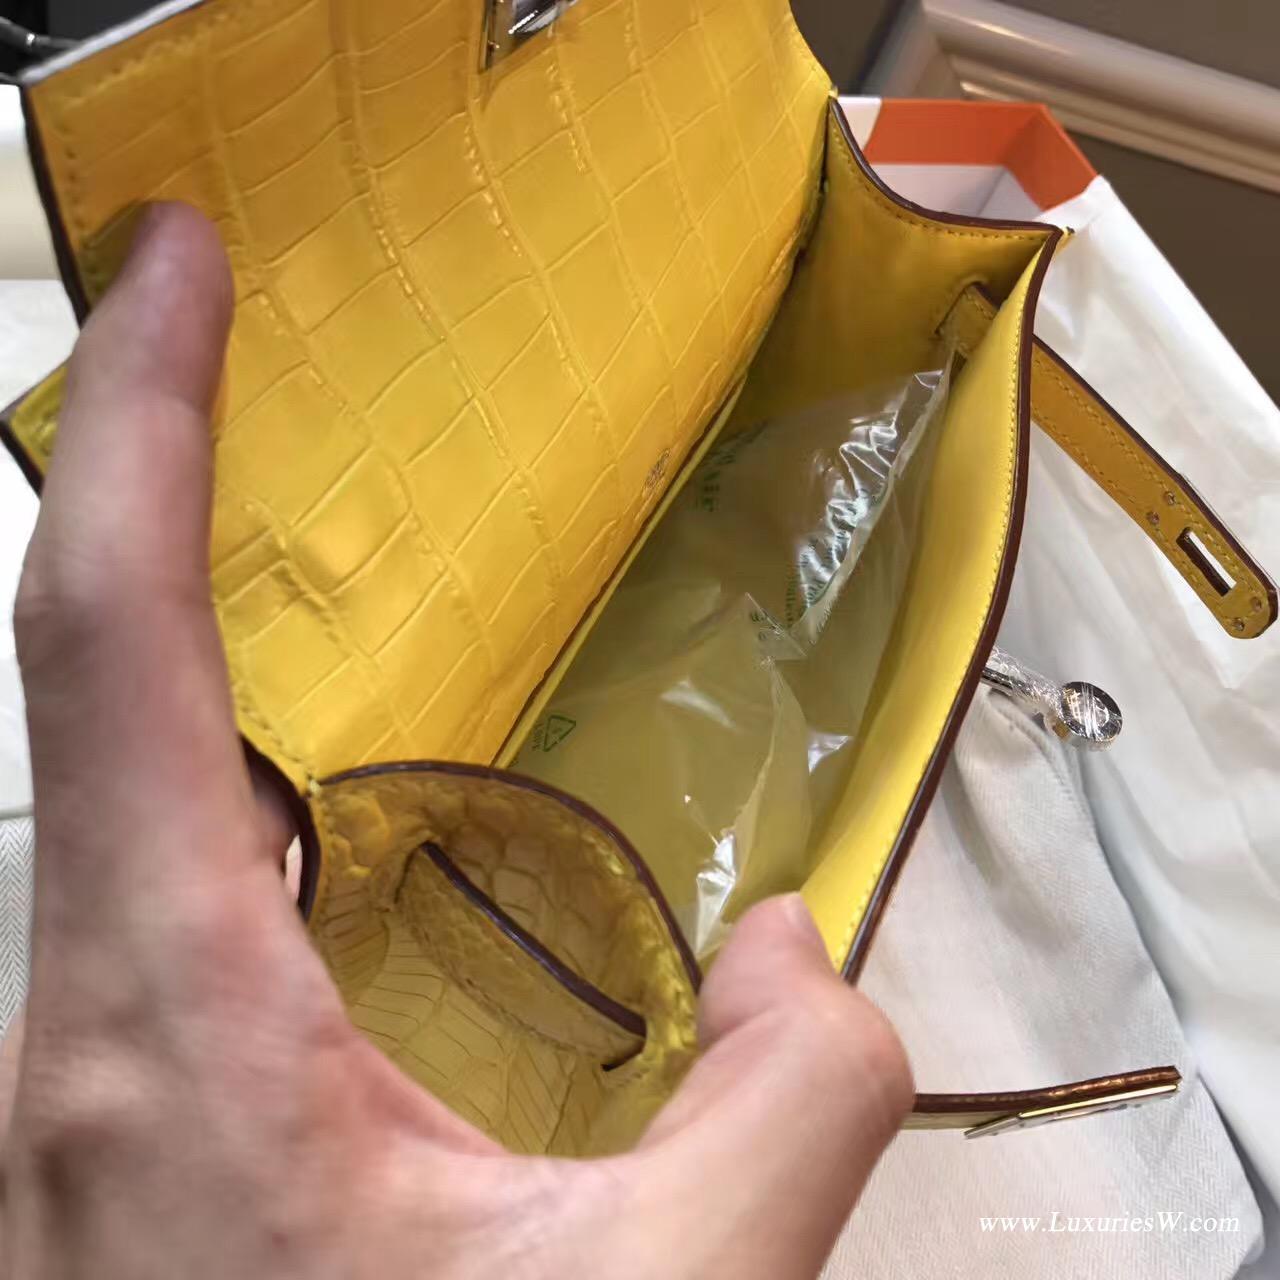 凯莉包 Mini kelly宴会手包M9 Mimosa鳄鱼雾面冰凌黄银扣